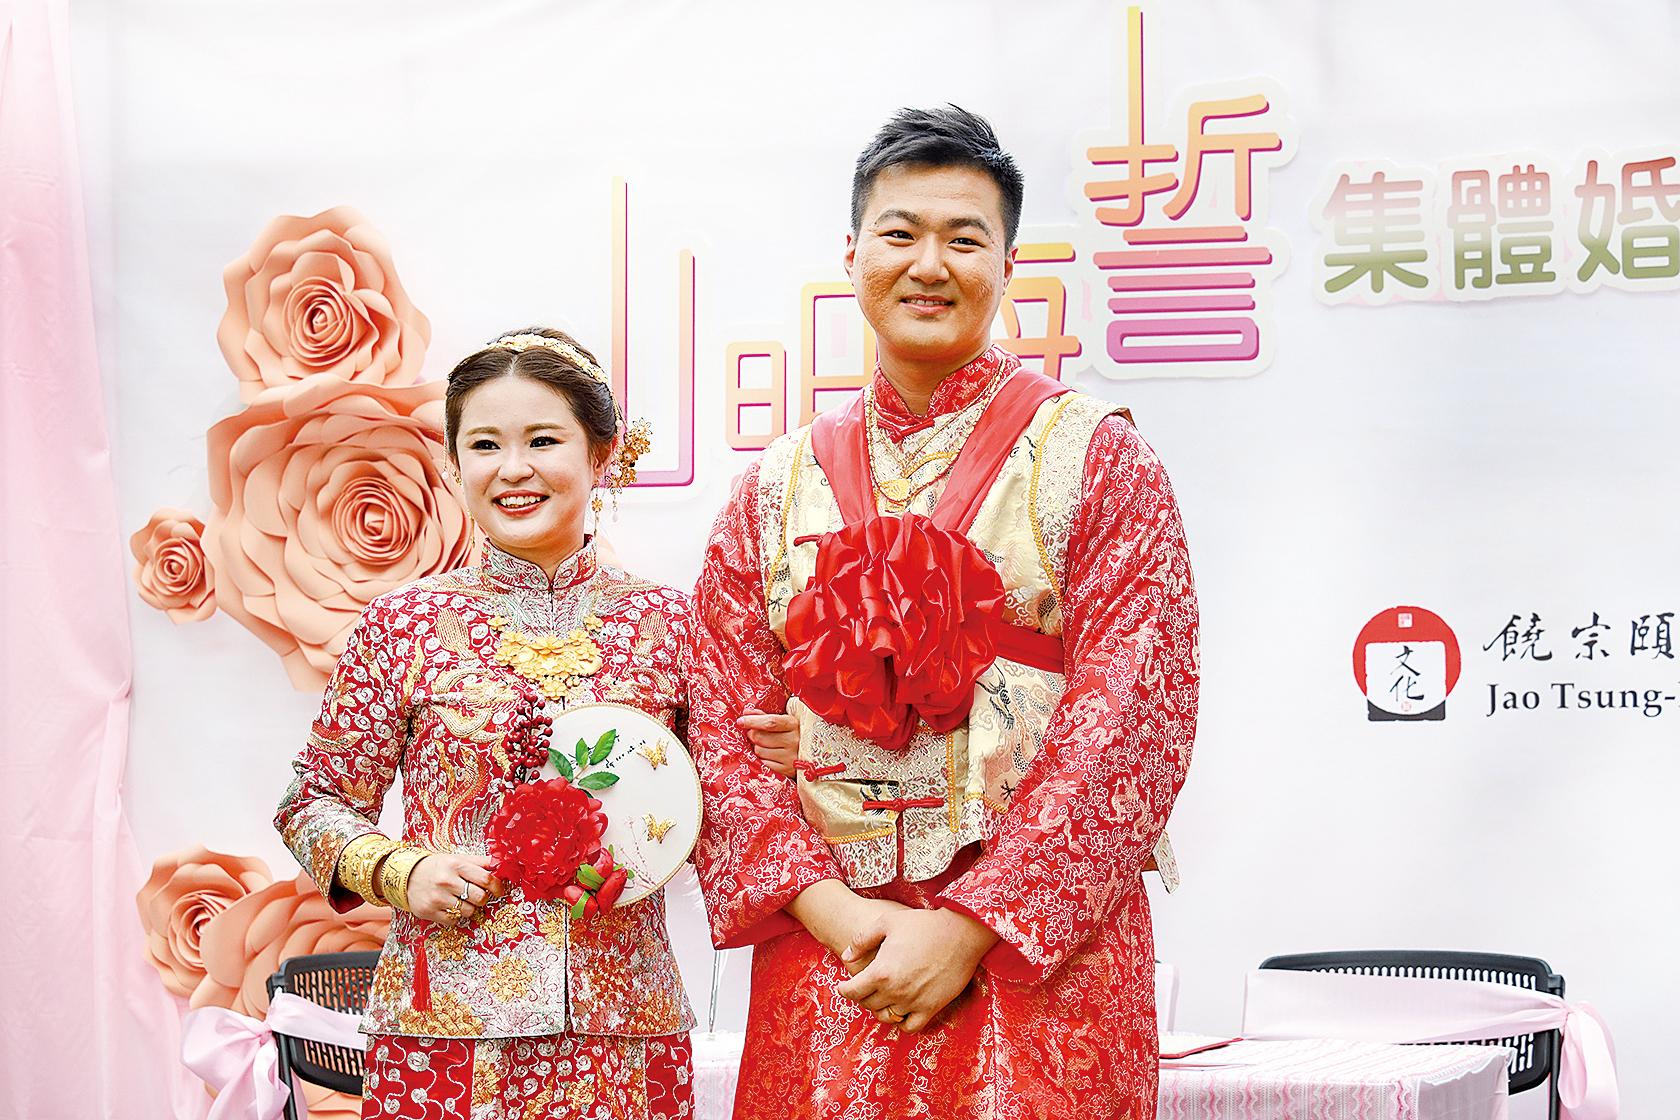 潘氏夫婦特意選擇在富有中國傳統文化的饒館舉行婚禮,又認為採用中式儀式舉行婚禮,能凸顯中國人的文化。